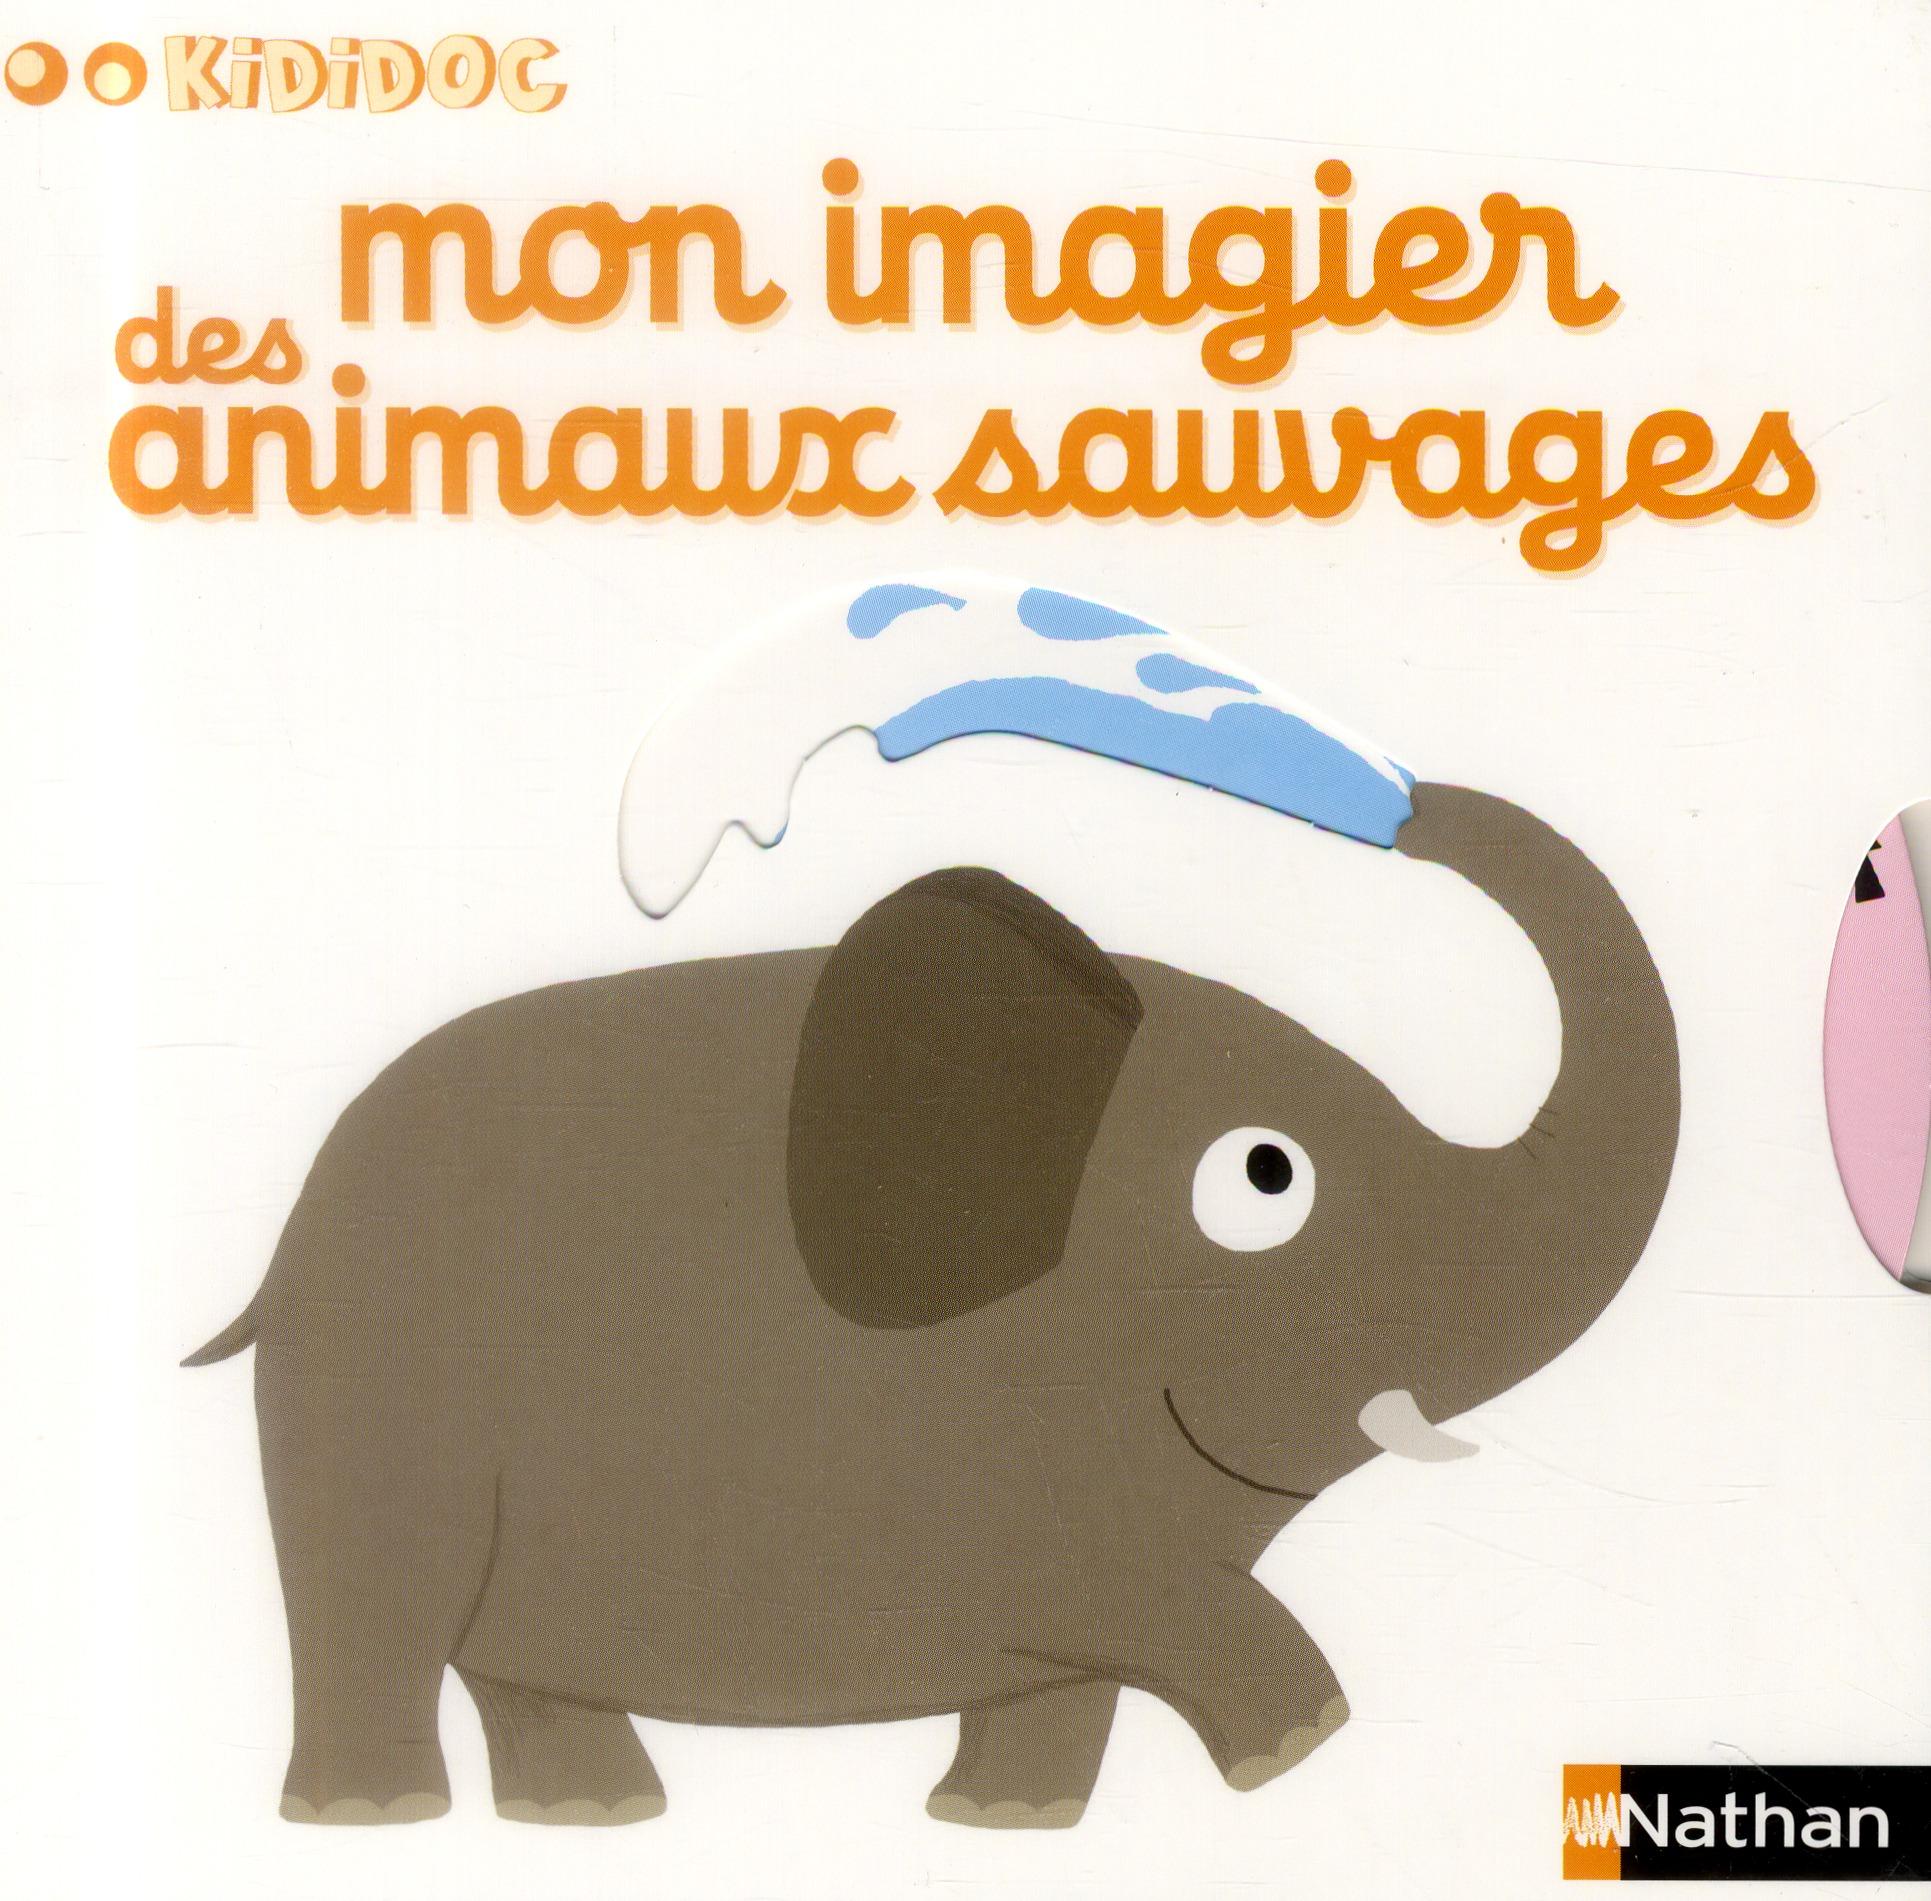 Mon imagier des animaux sauvages - vol10